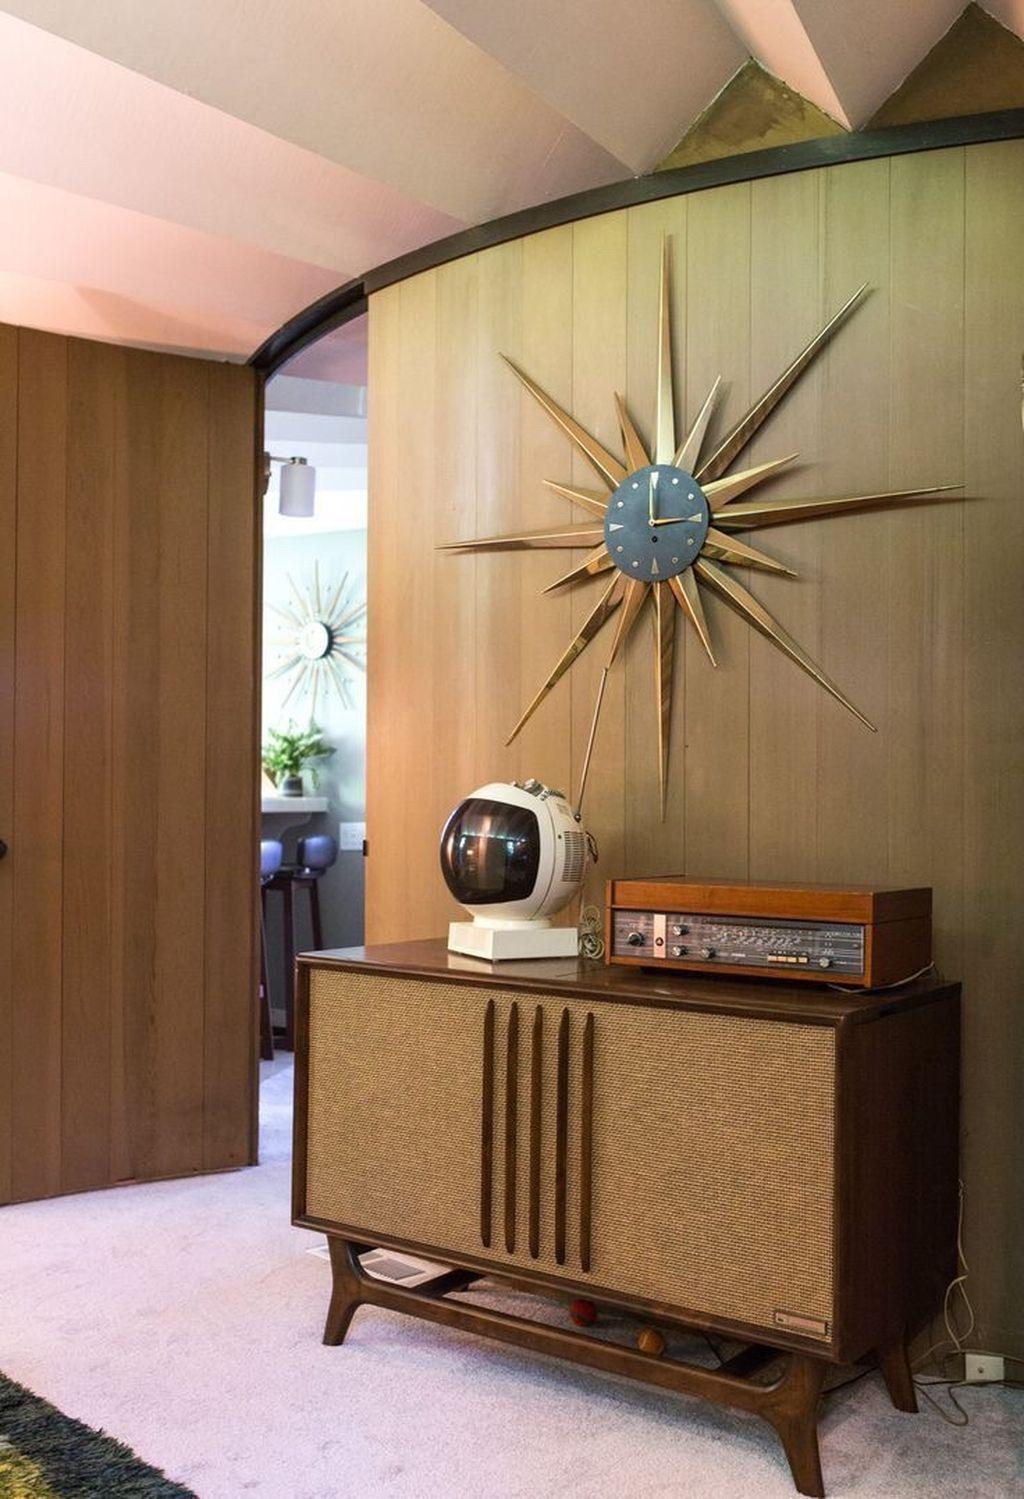 Stunning Mid Century Apartment Decor Ideas 16